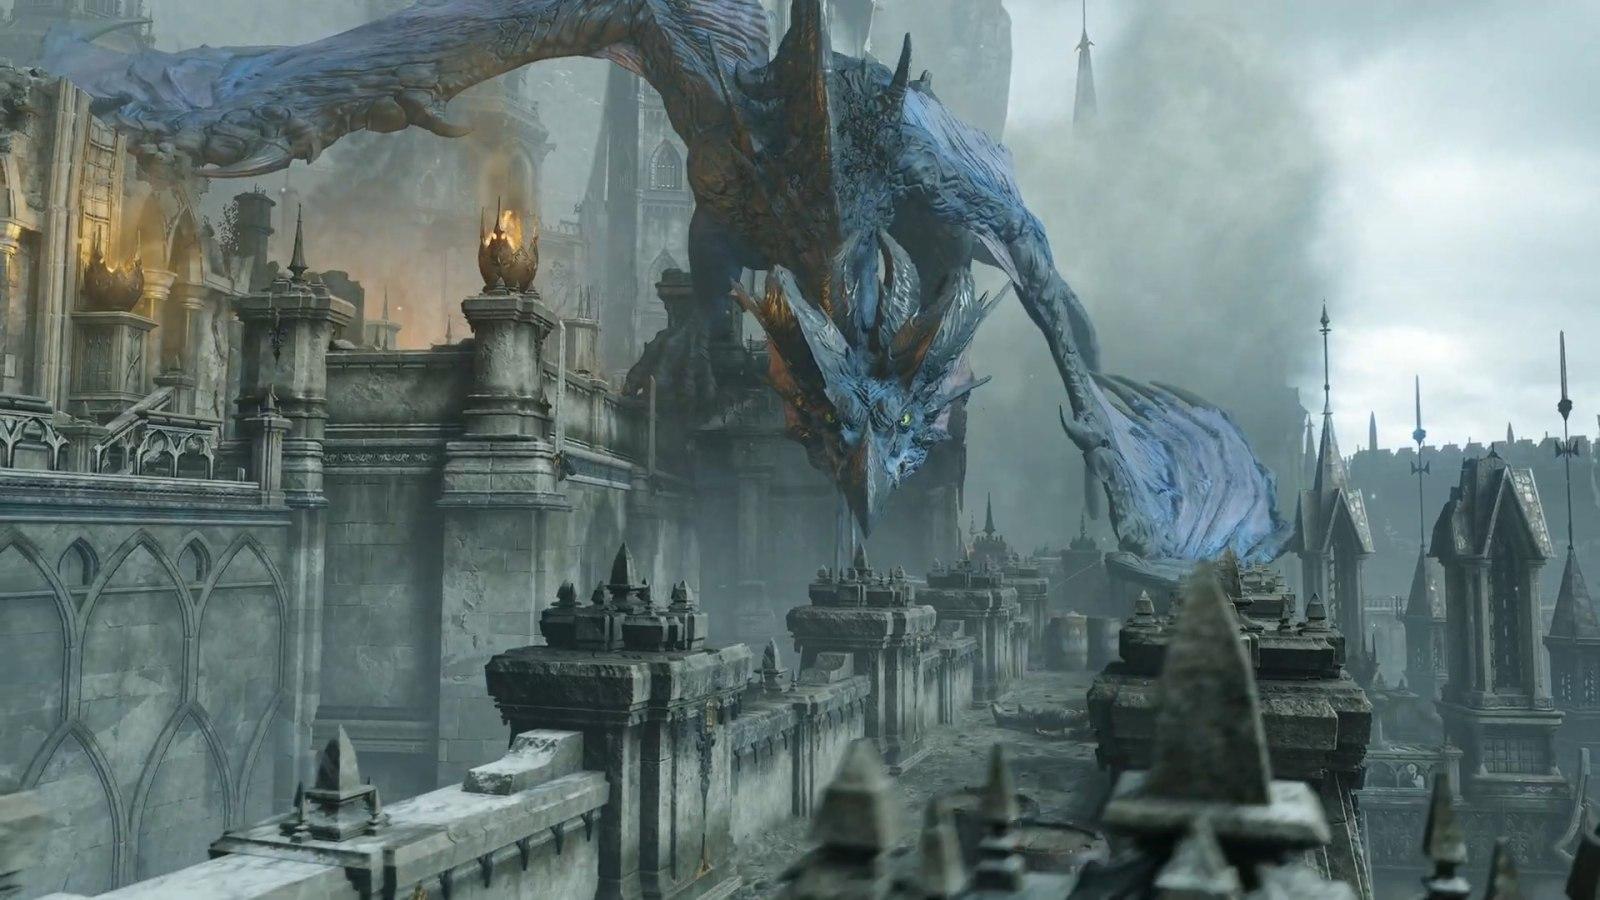 《恶魔之魂 重制版》公布全新游玩演示预告